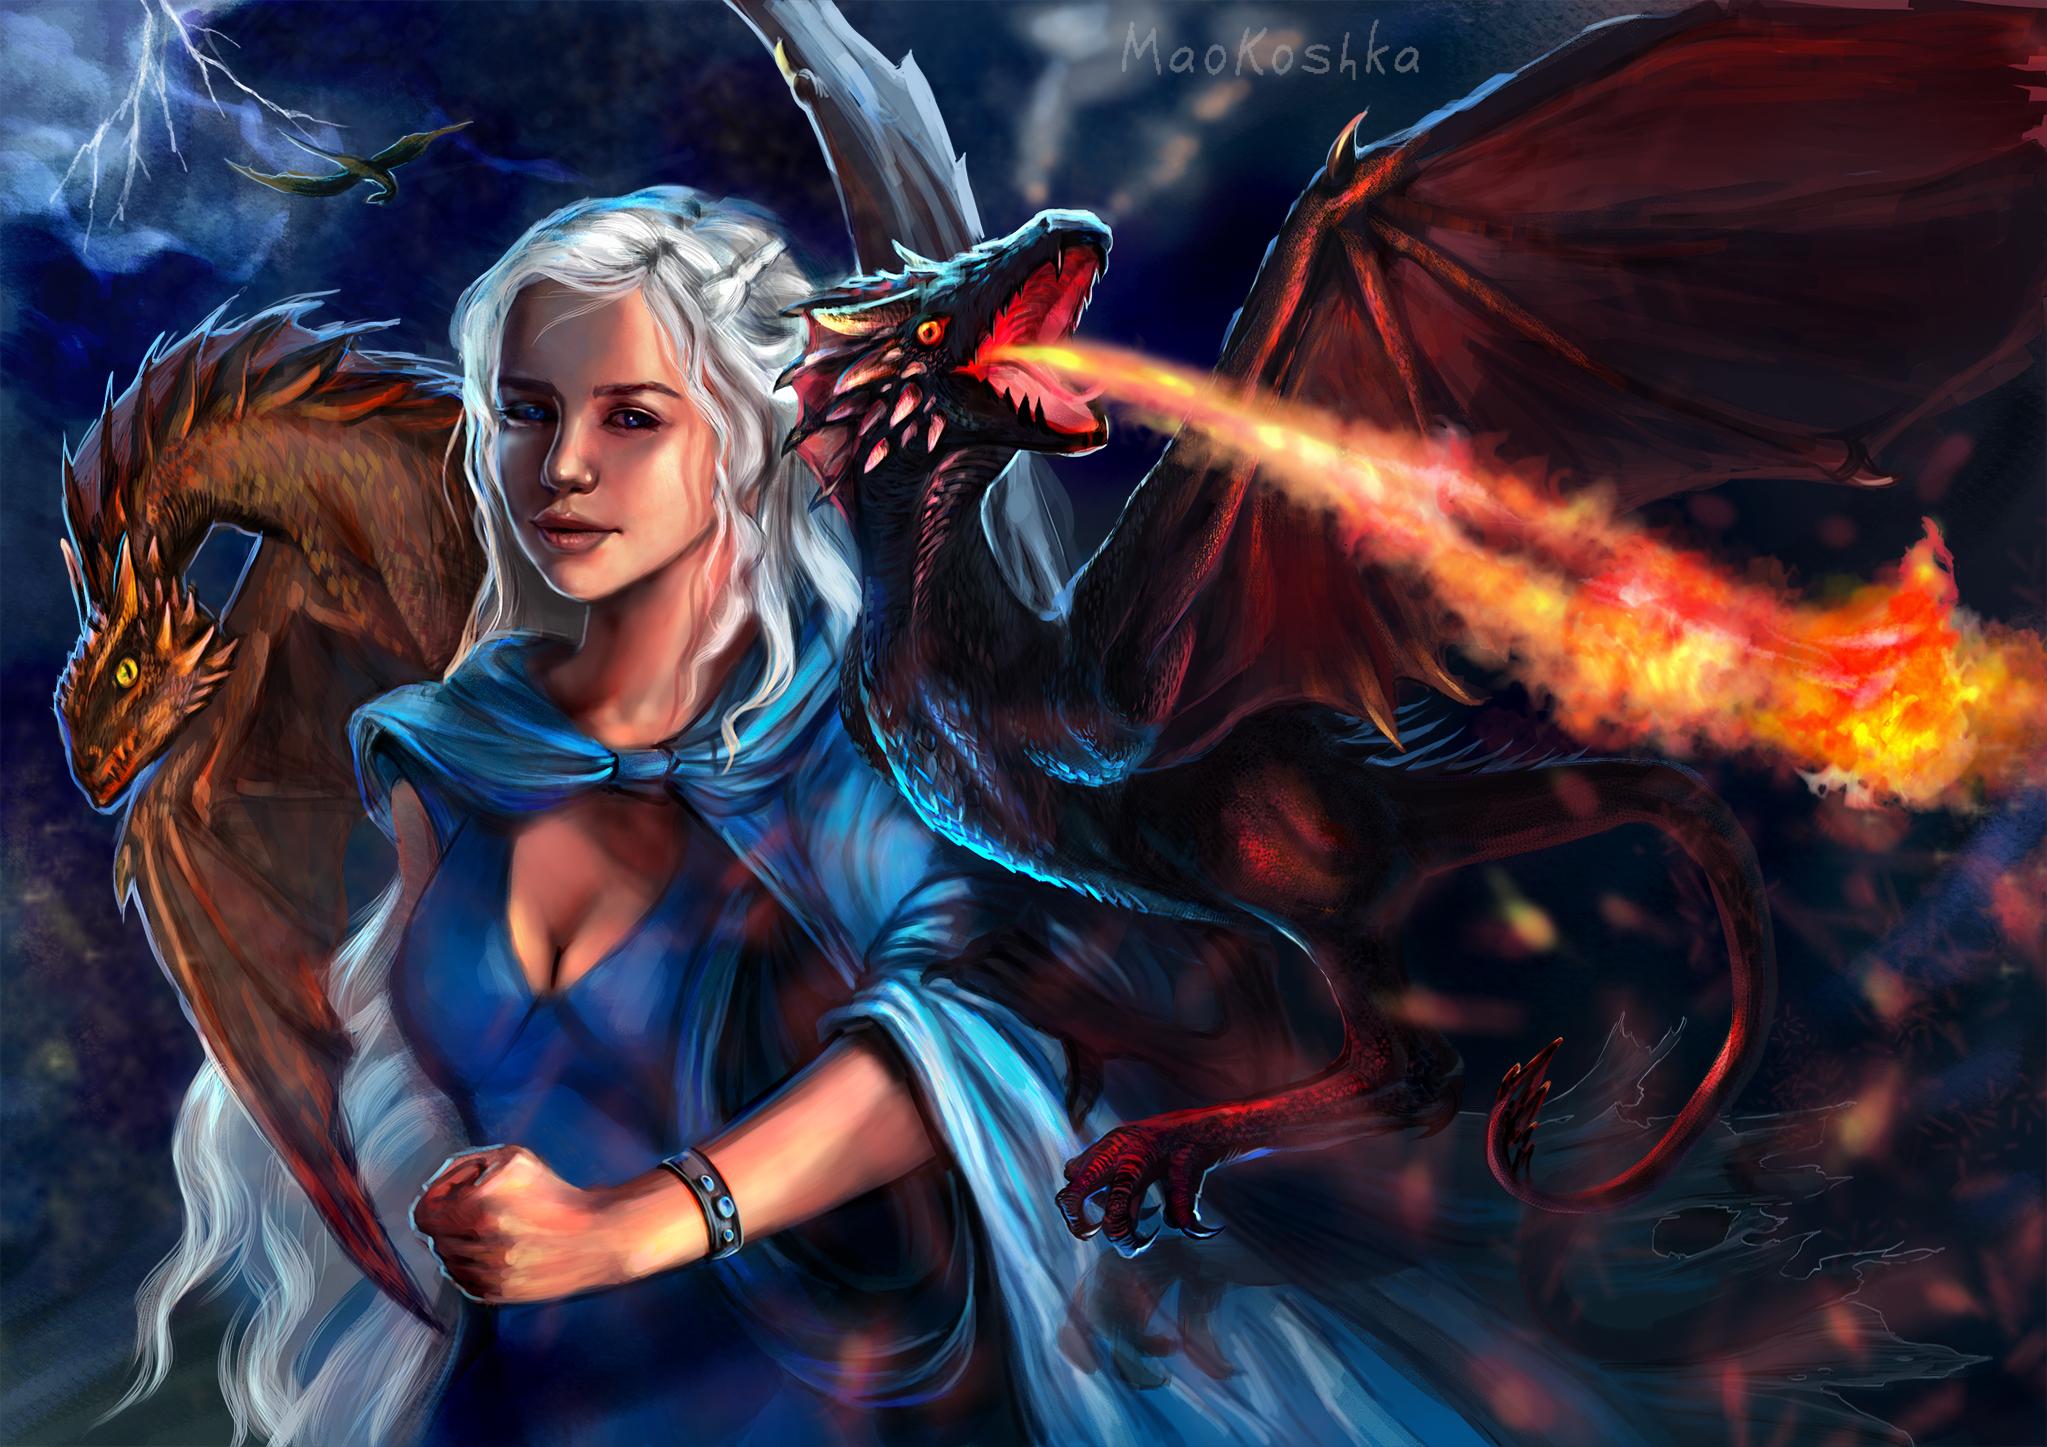 Драконы и девушки картинки